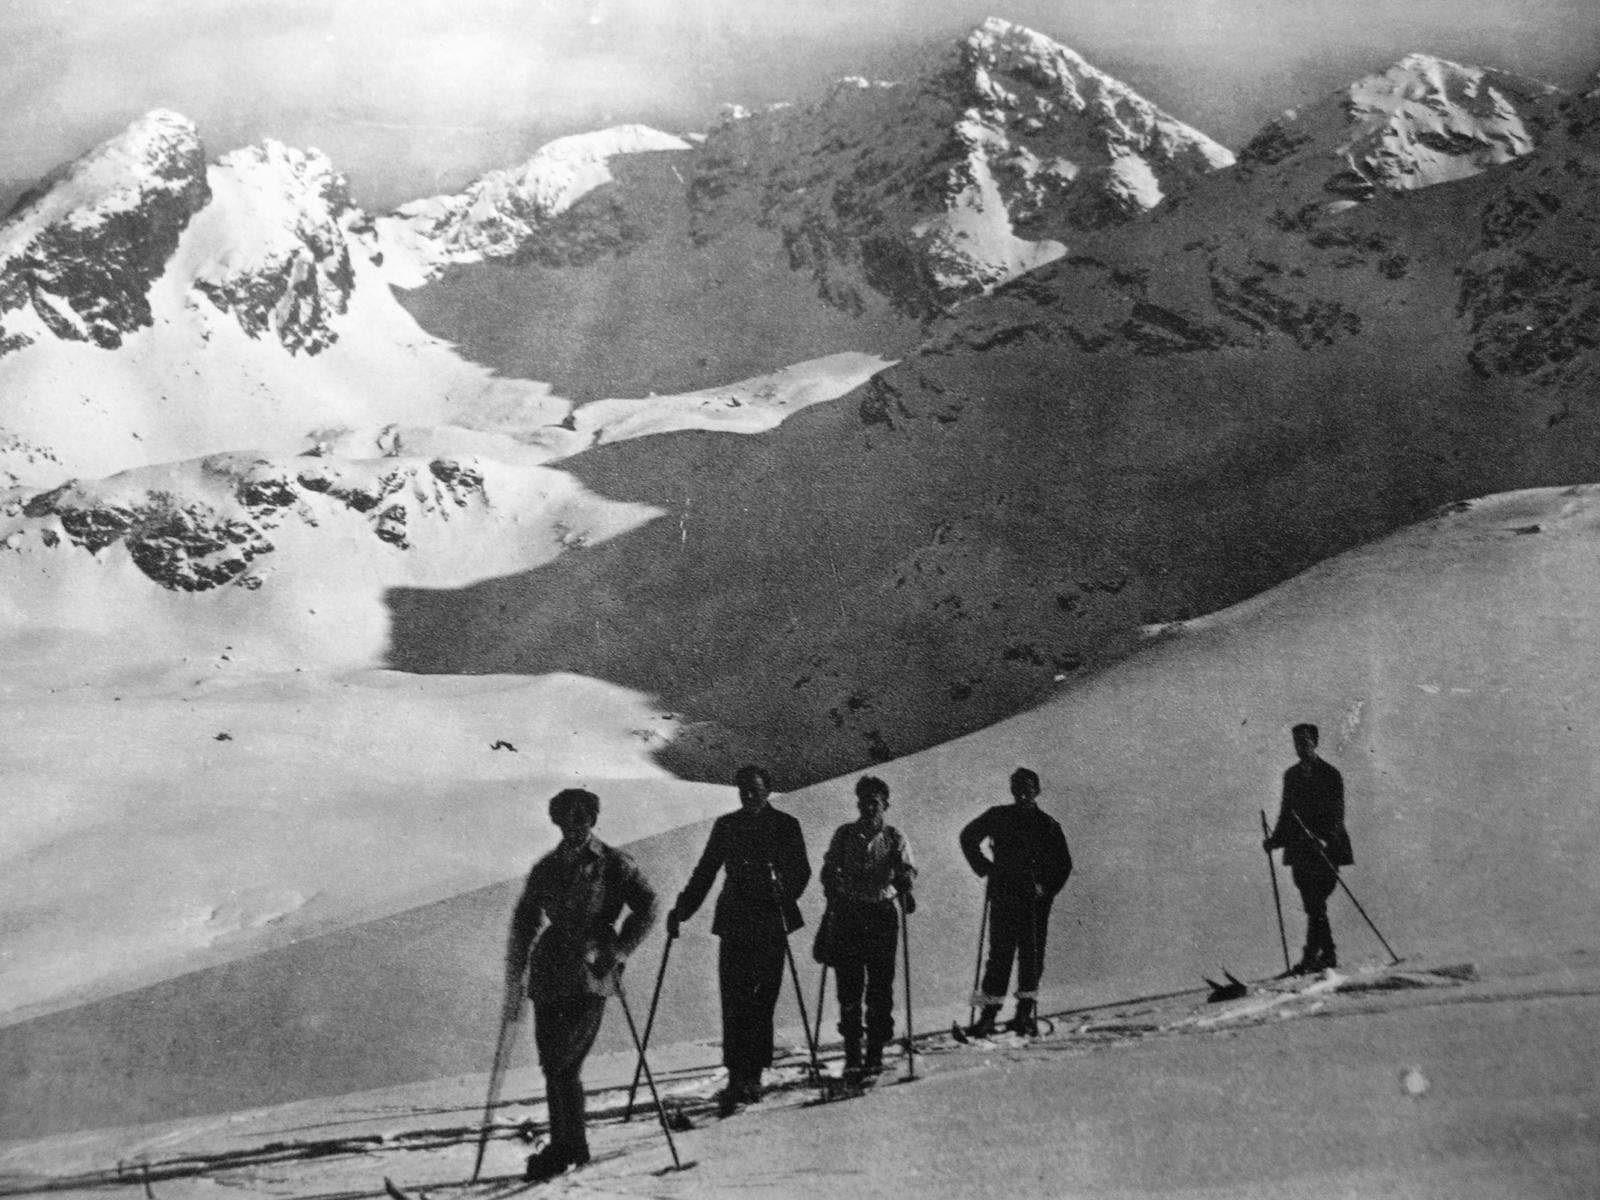 JO_Wycieczka narciarska na Hali Ga¦Ęsienicowej_Zdje¦Ęcia Jo¦üzia Oppenheima 010